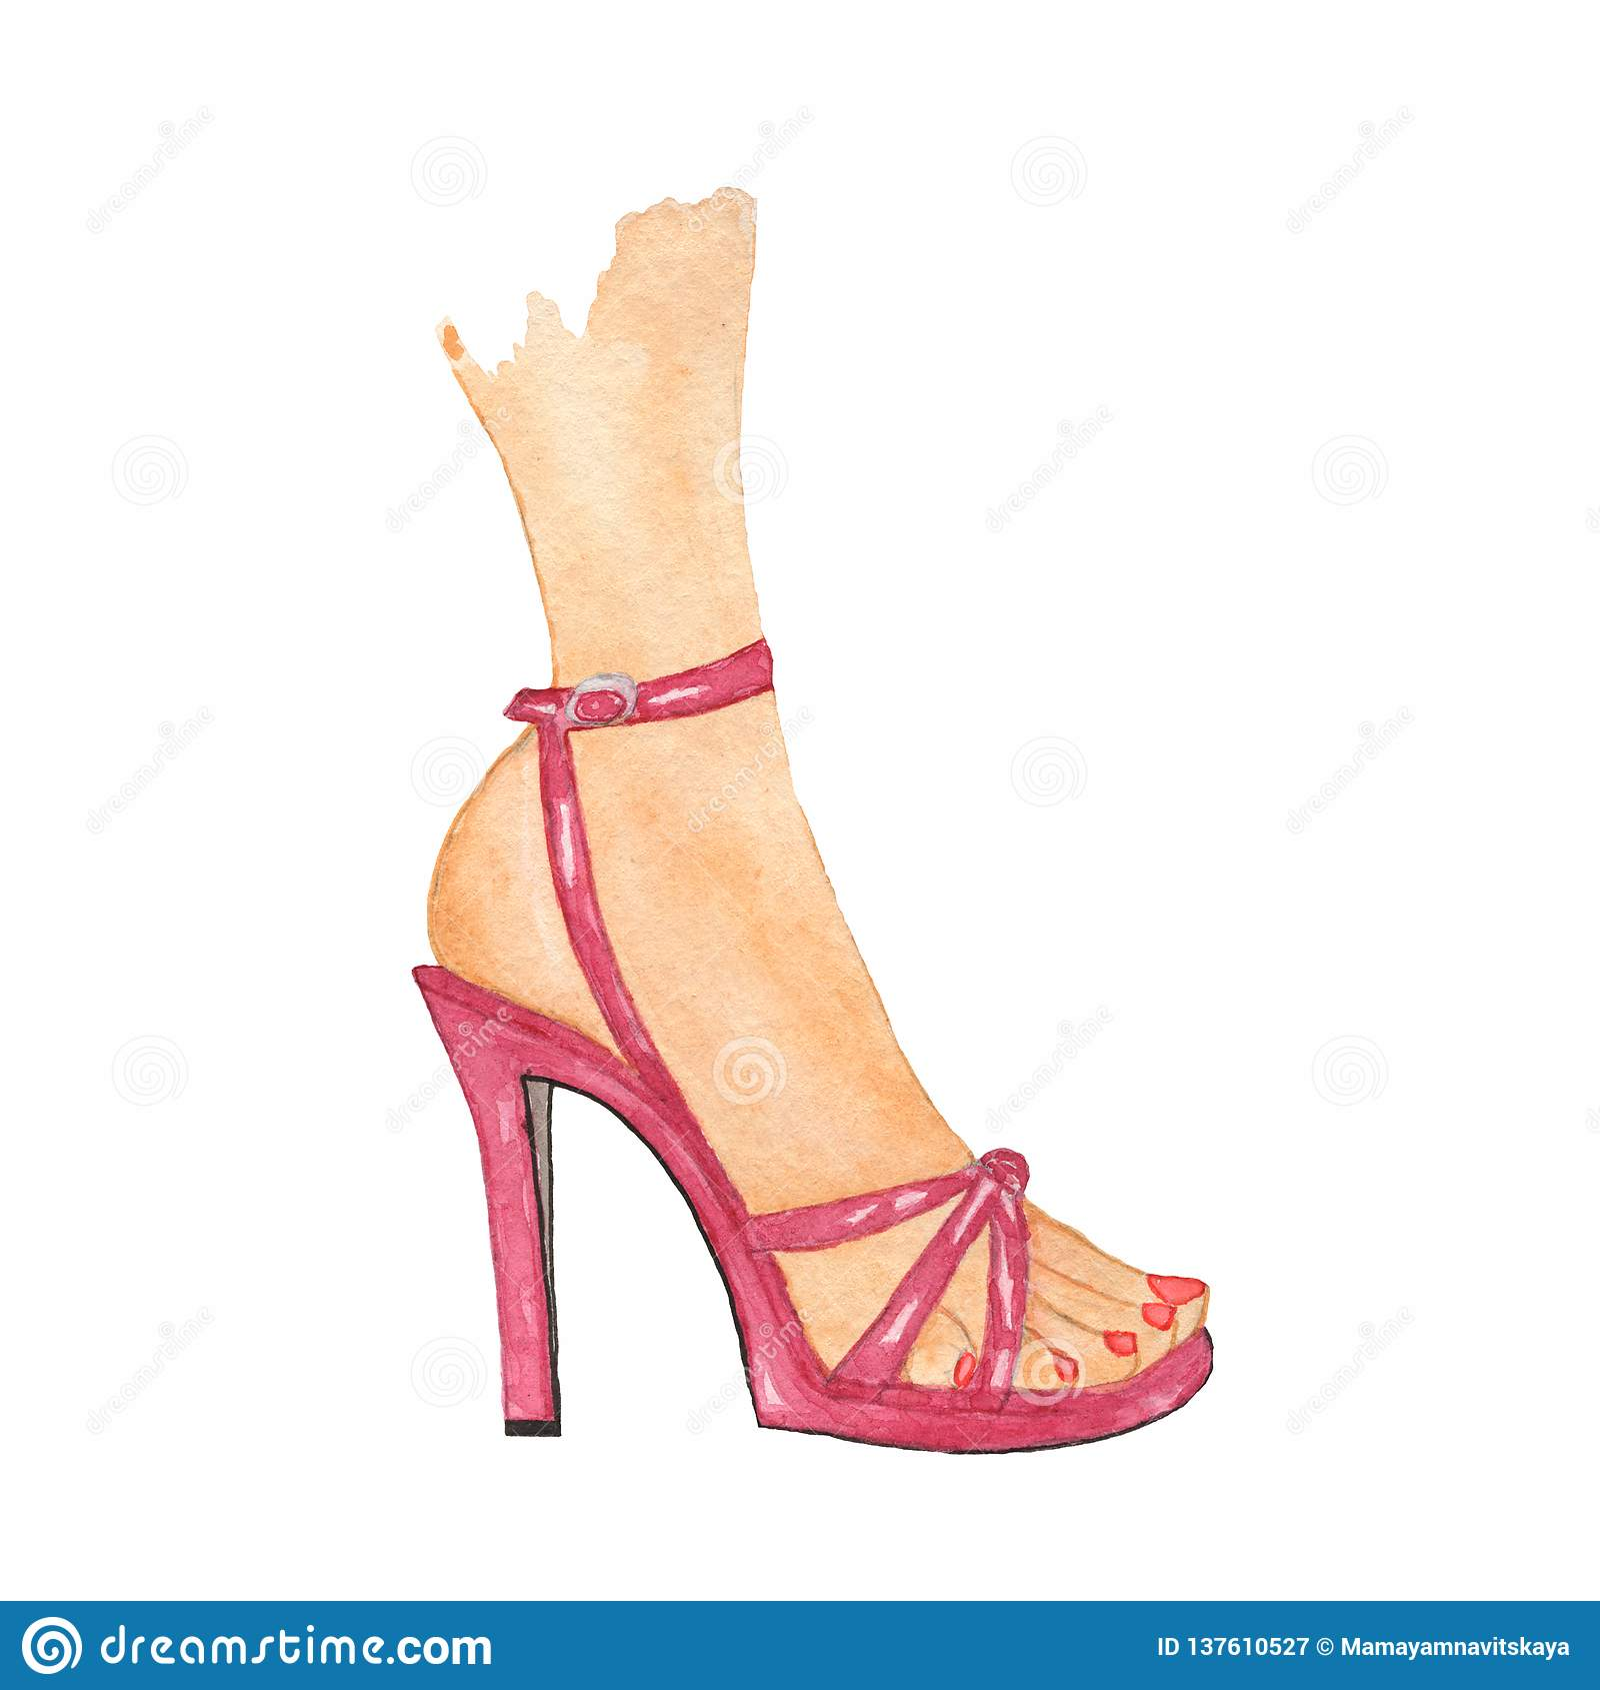 Pierna femenina elegante en zapato rosado Ilustración de la acuarela zapatos de tacón alto de la moda